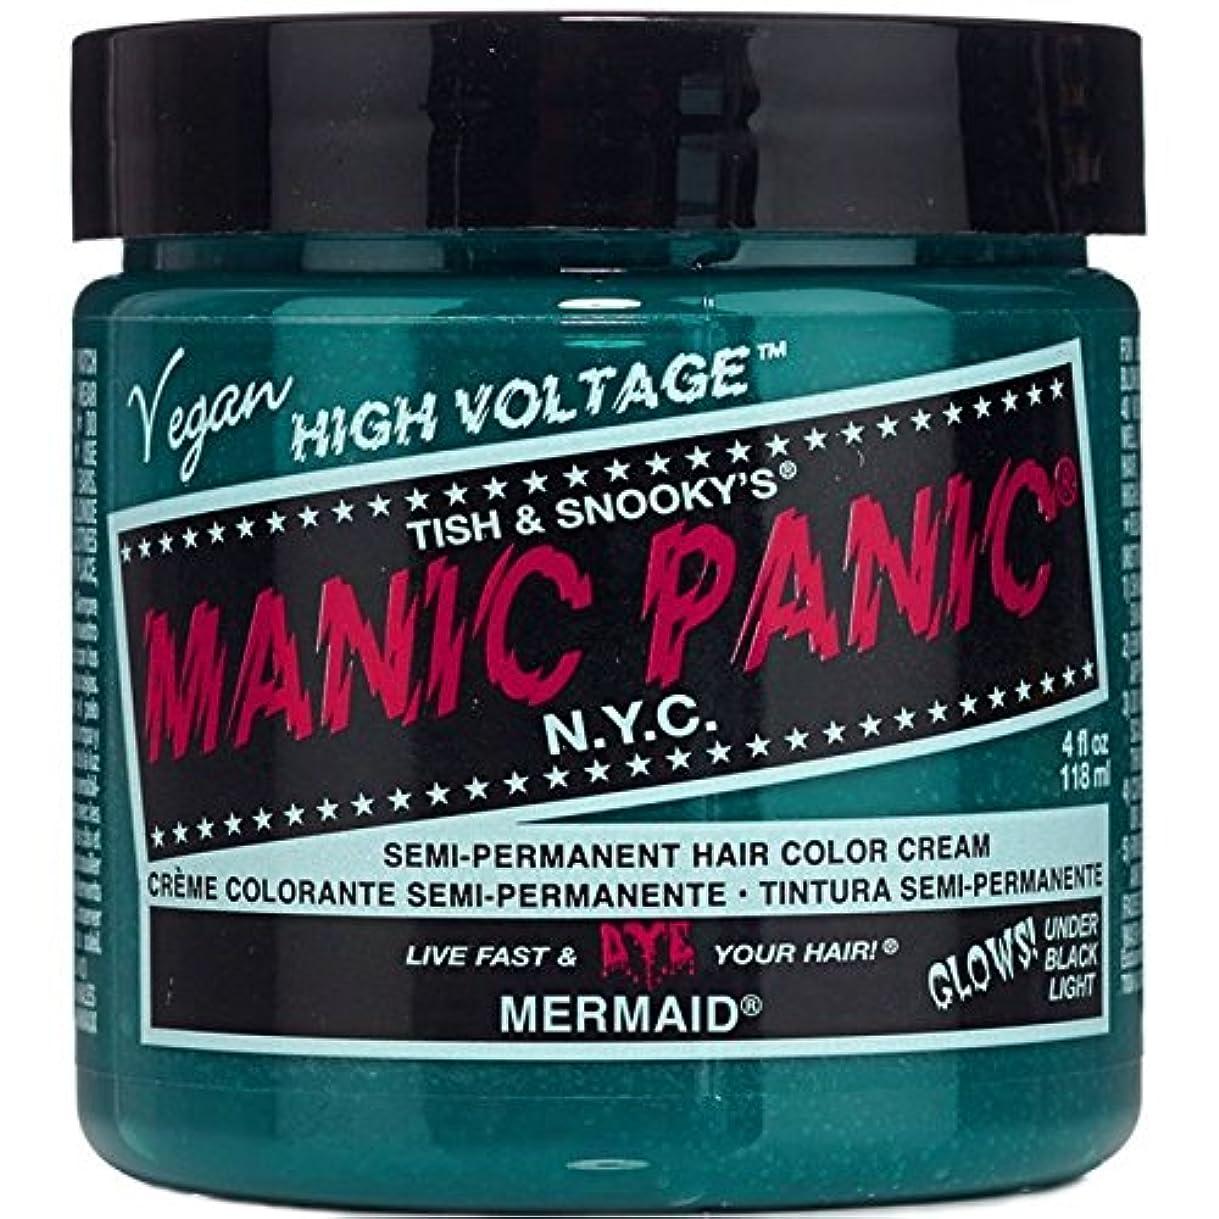 ジャンピングジャック光のとにかくスペシャルセットMANIC PANICマニックパニック:MERMAID (マーメイド)+ヘアカラーケア4点セット